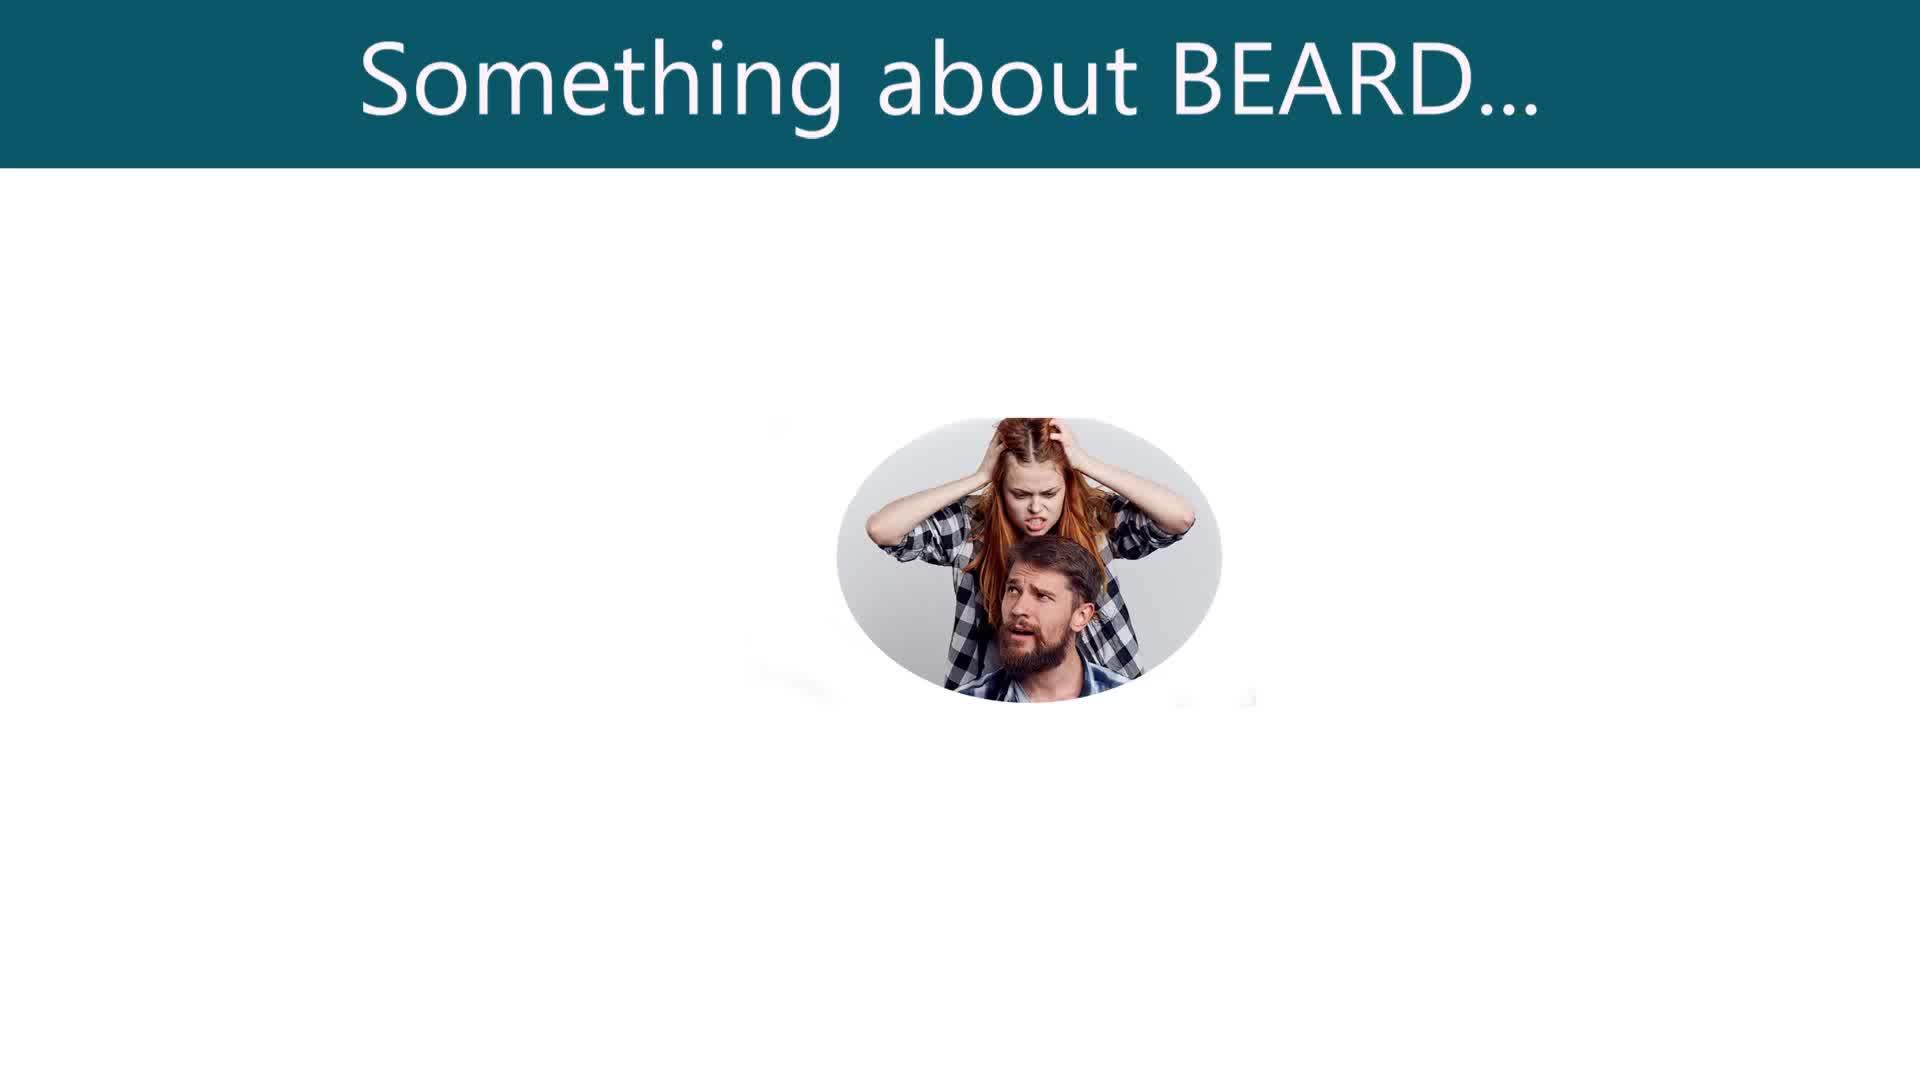 ร้อนขายผม Care ผลิตภัณฑ์สำหรับเคราสั้น Beard Moisturizer น้ำมันสำหรับผิวบอบบาง